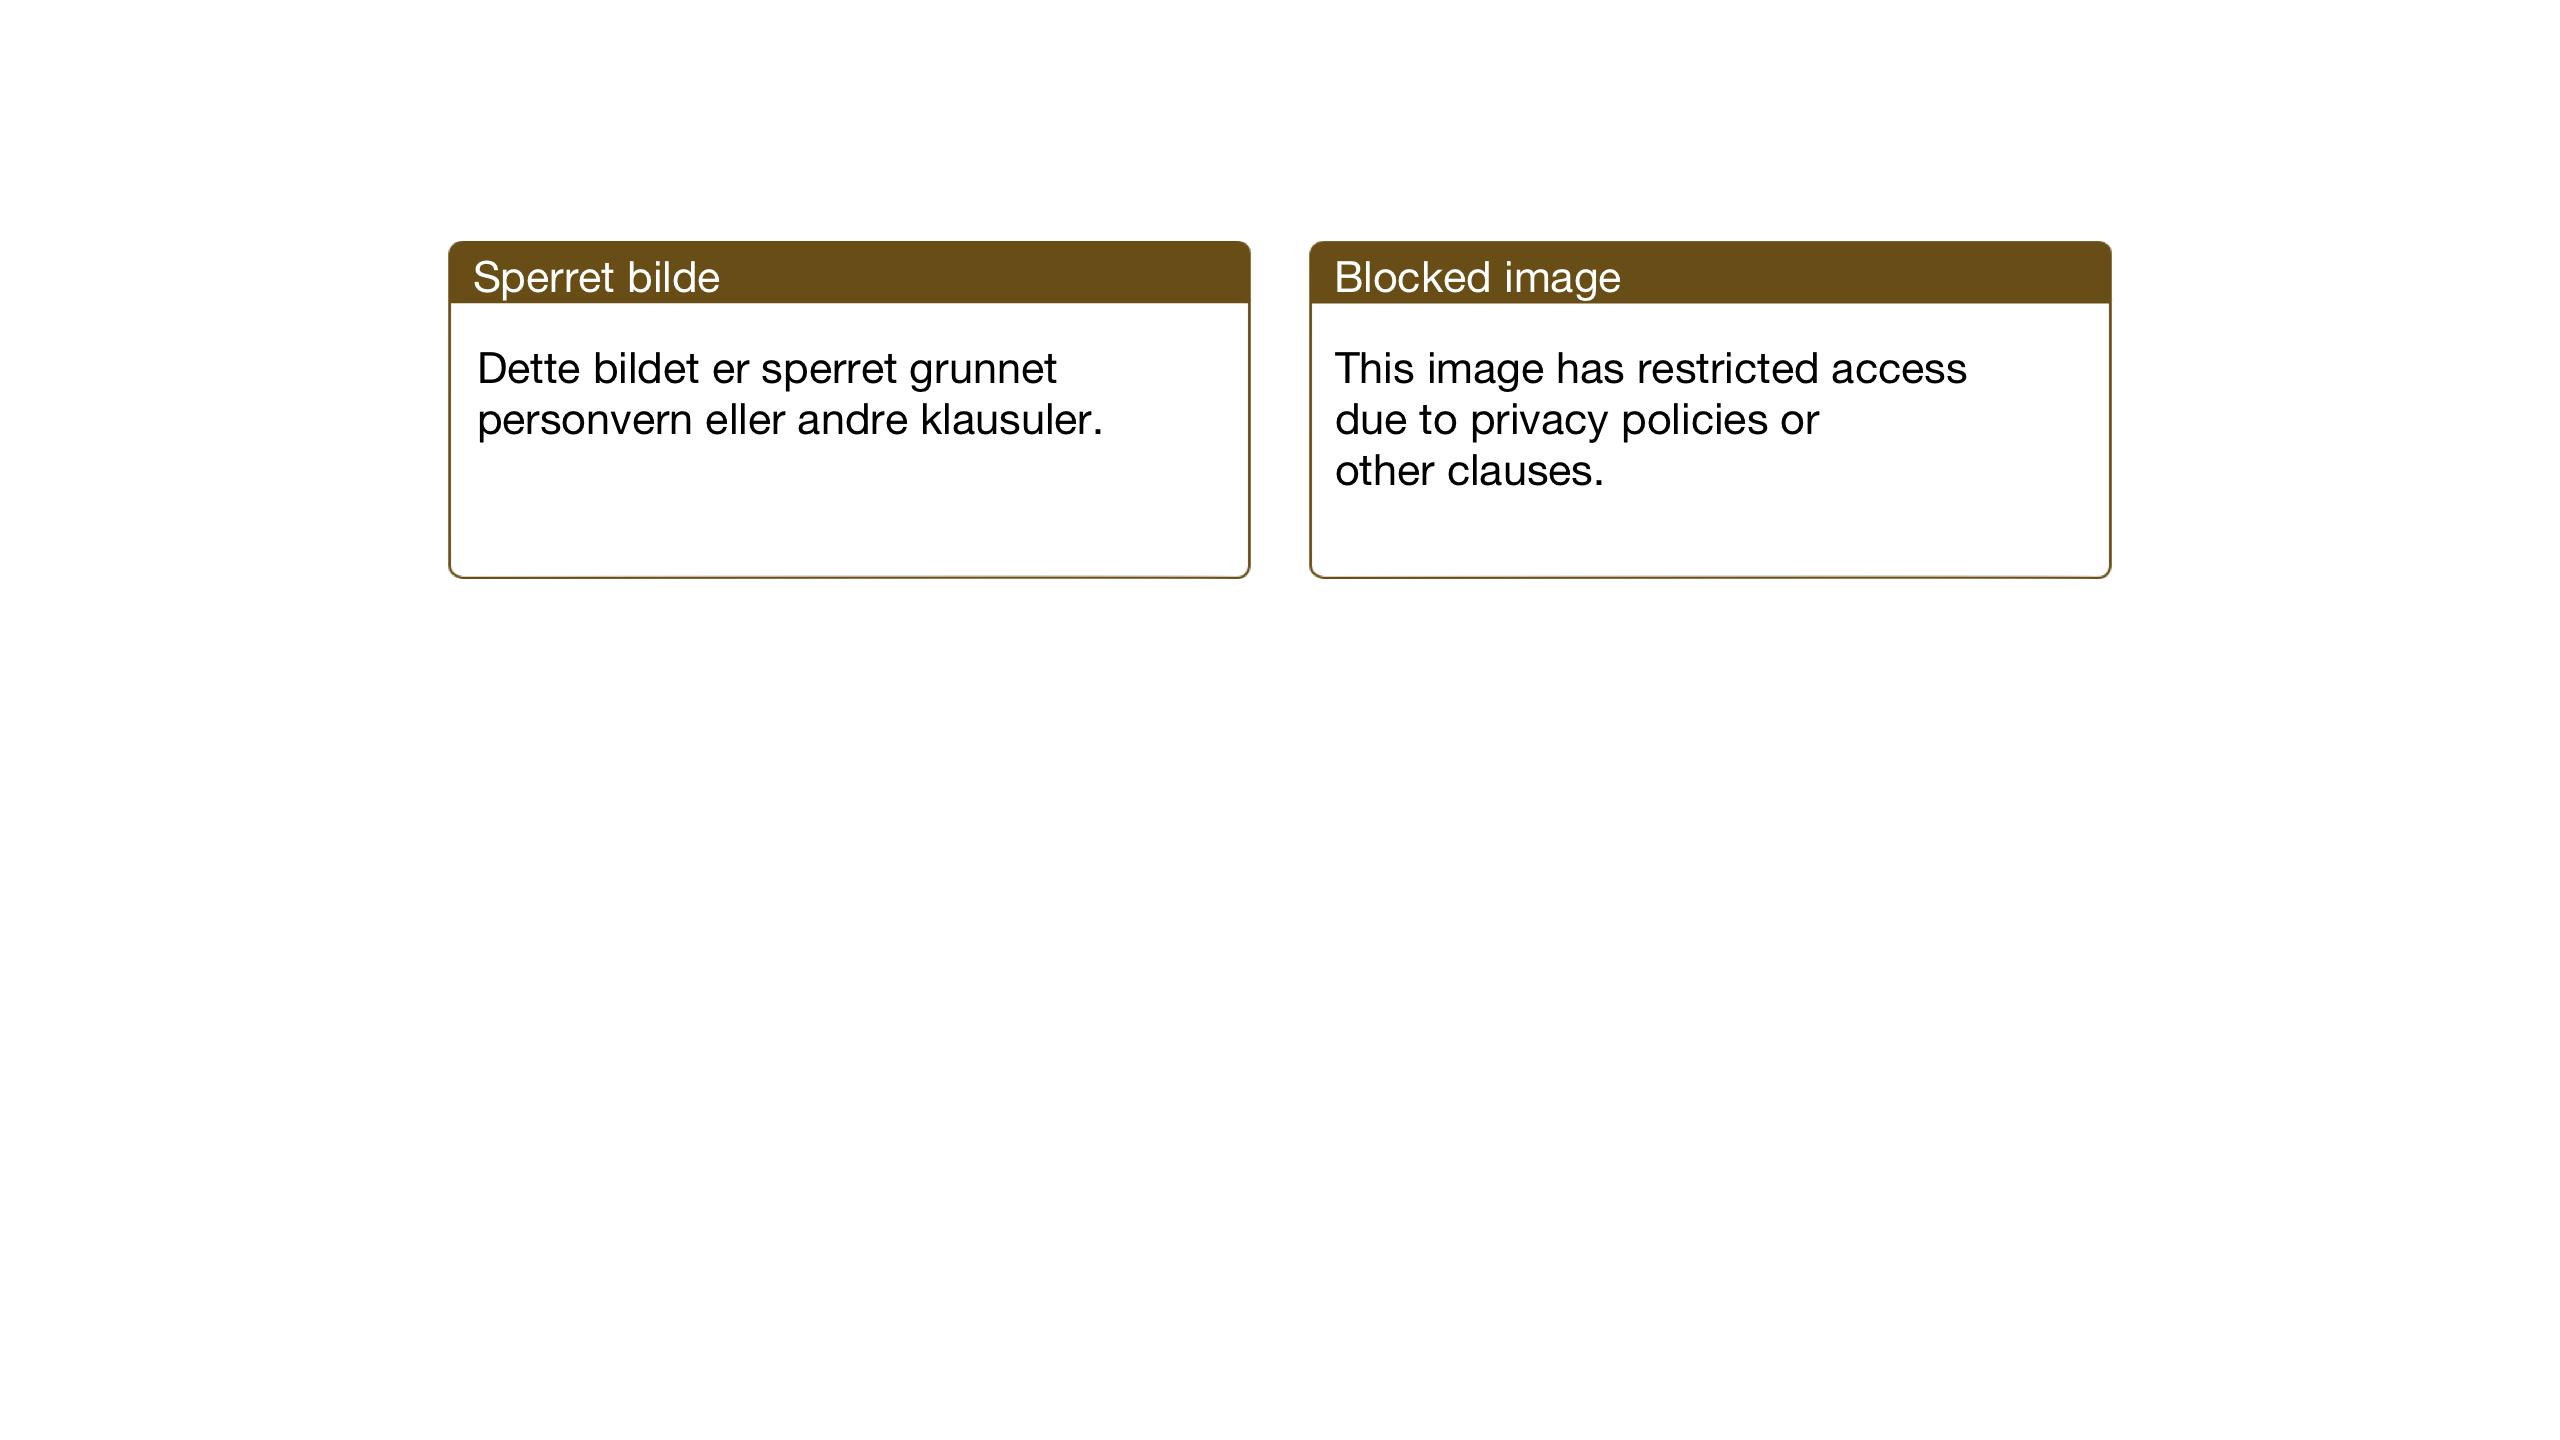 SAT, Ministerialprotokoller, klokkerbøker og fødselsregistre - Sør-Trøndelag, 669/L0832: Klokkerbok nr. 669C02, 1925-1953, s. 40